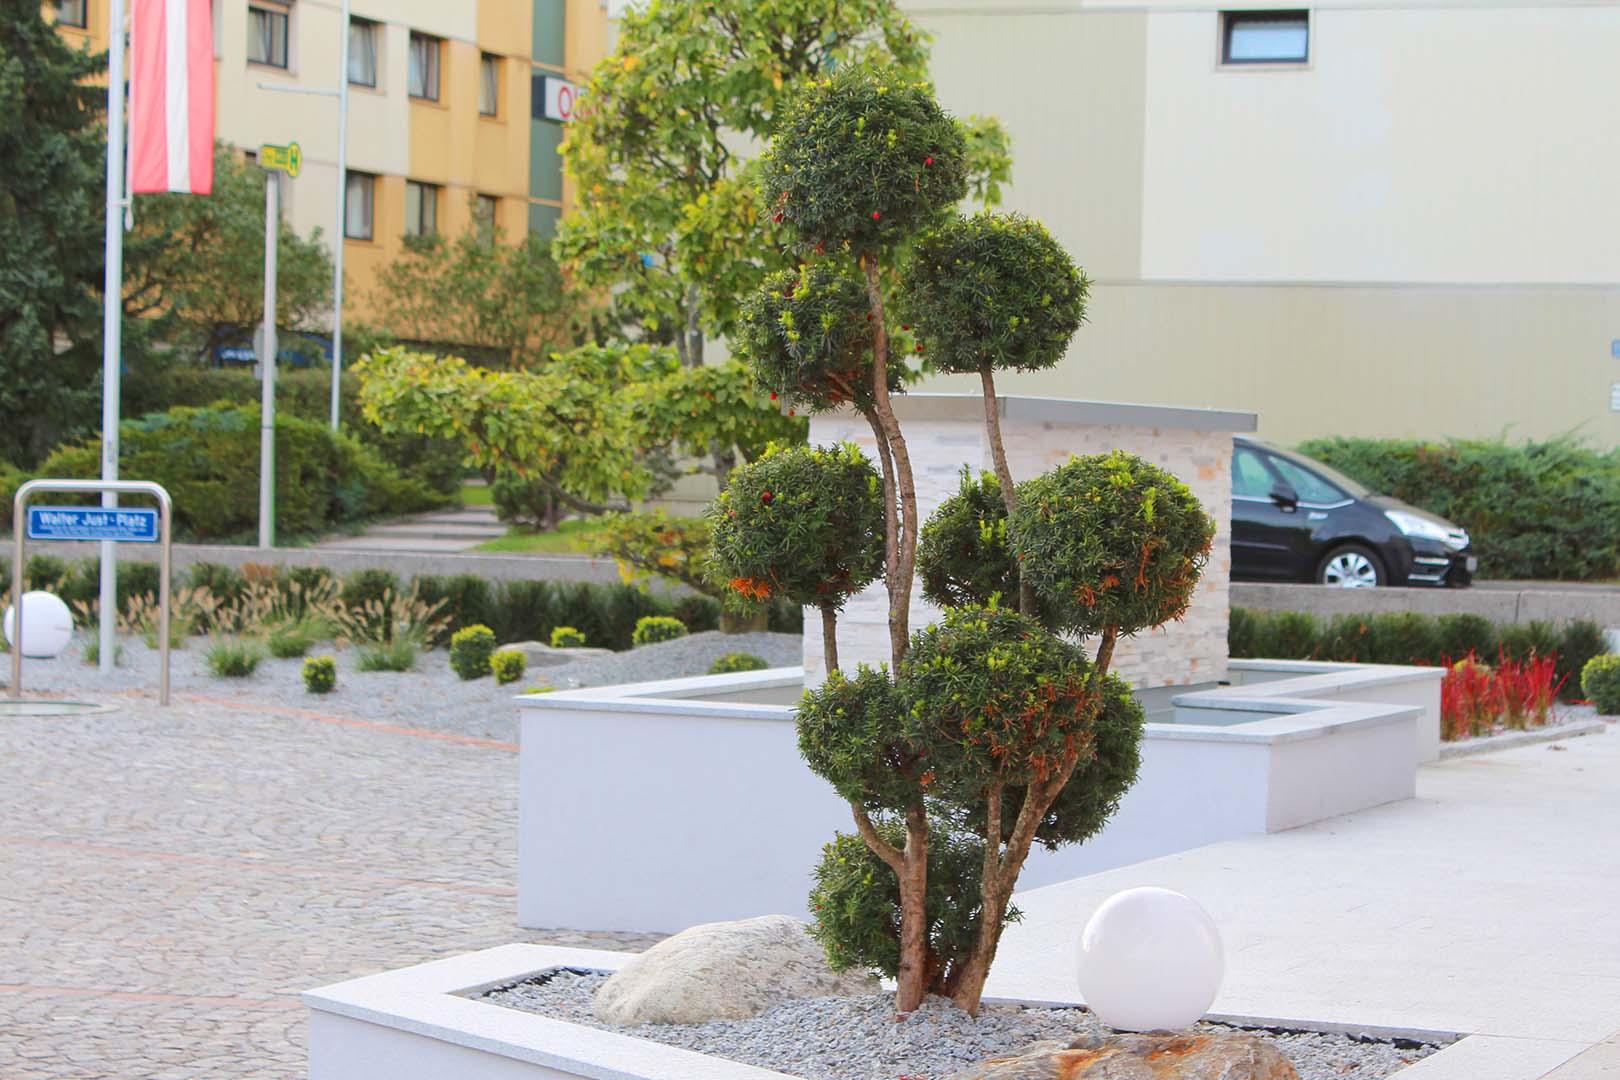 Gartengestaltung Steineinfassung Baum